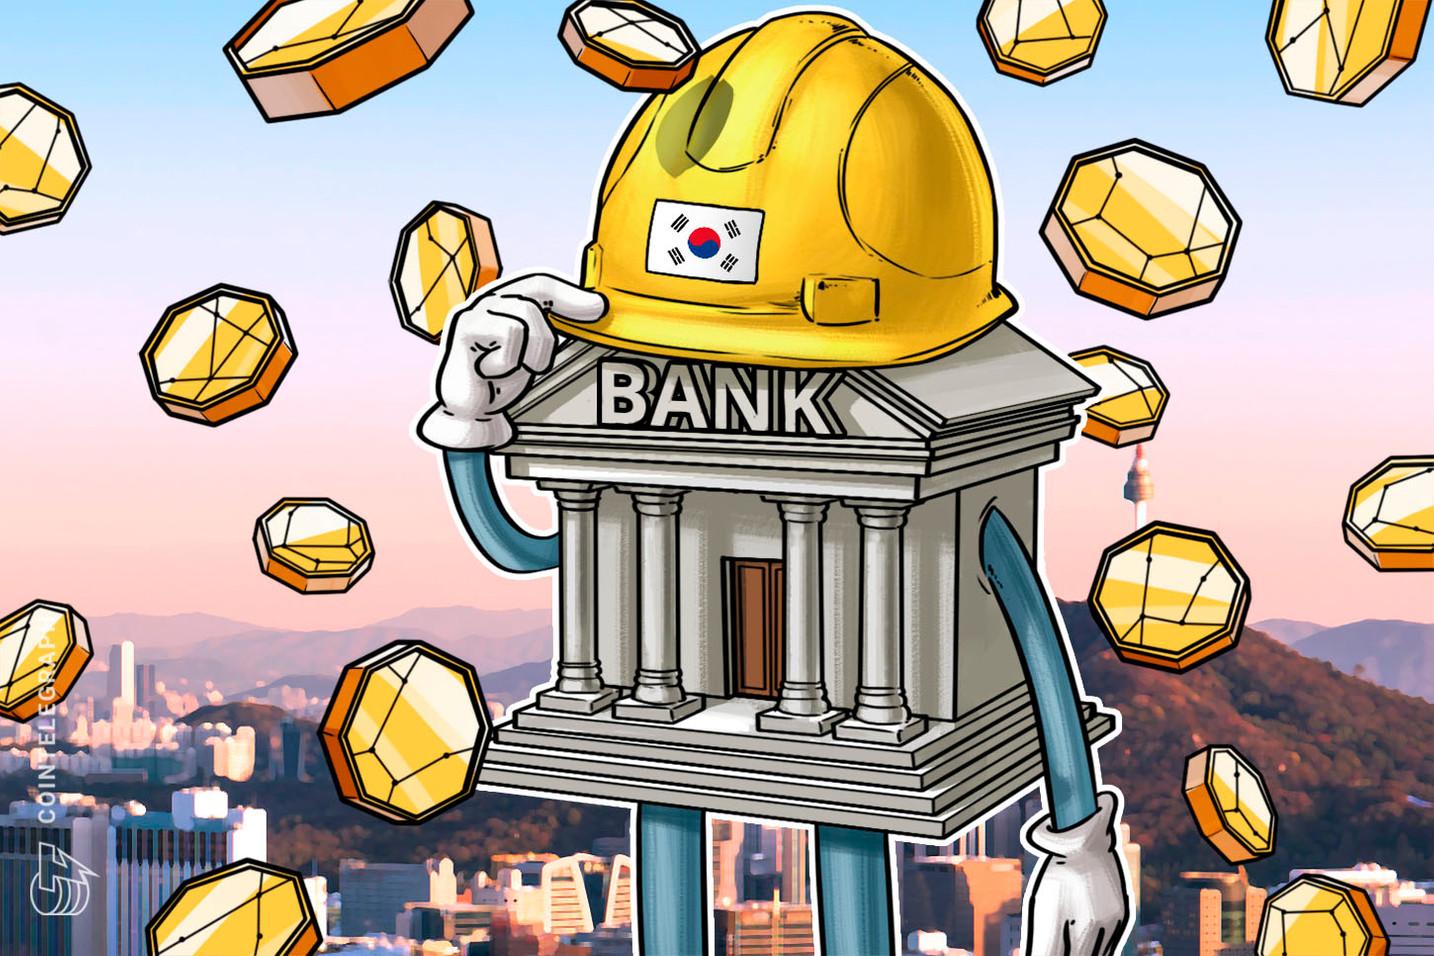 Los principales bancos coreanos restringen cuentas vinculadas a criptoexchanges